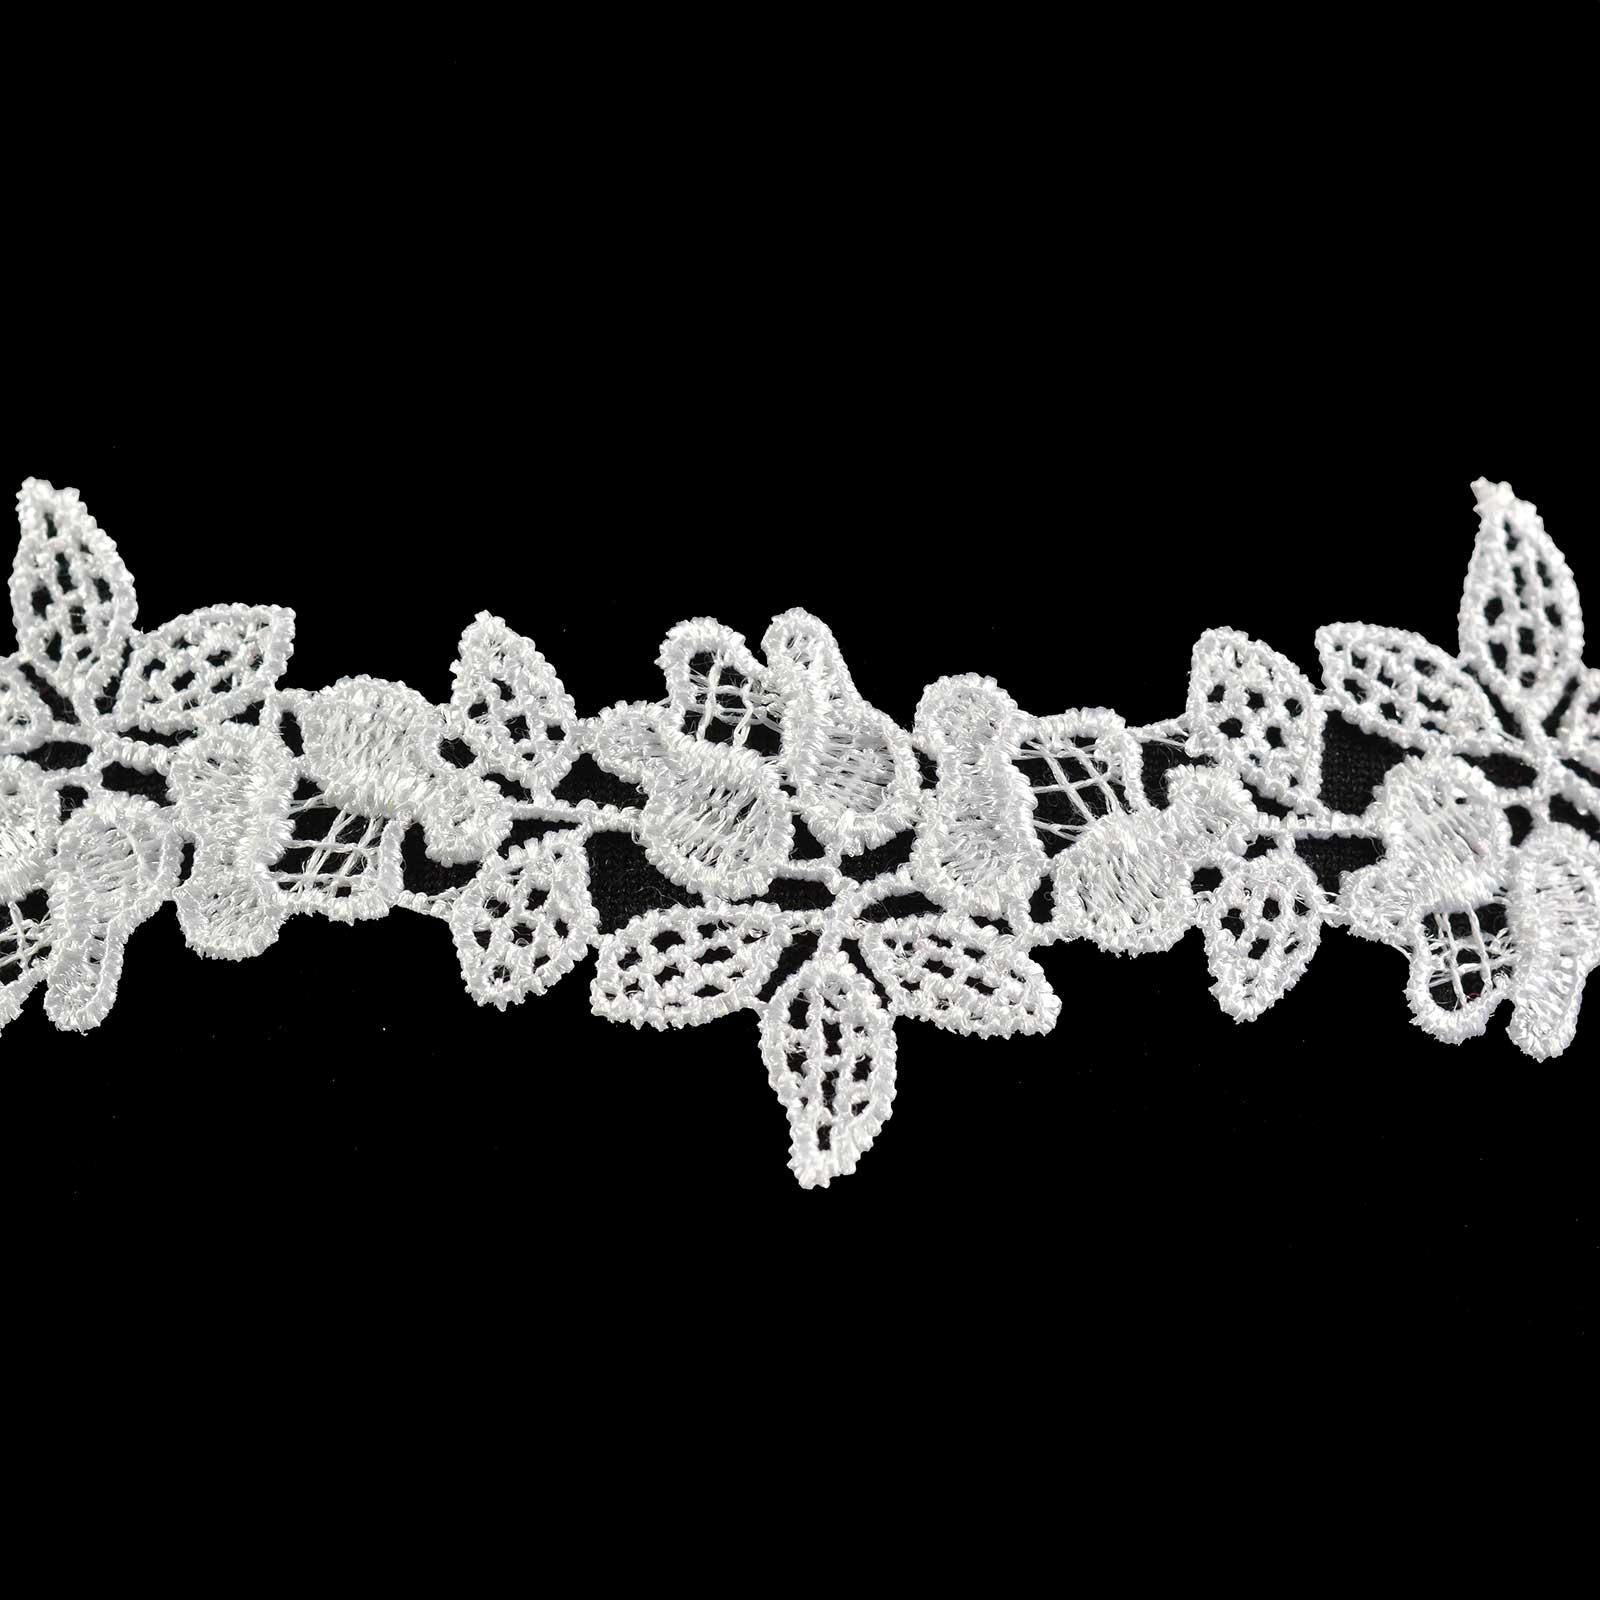 1m / Meterware Ätzspitze 50mm Blumendesign Spitzenborte Tischläufer, Größen Farbwahl – Bild 4